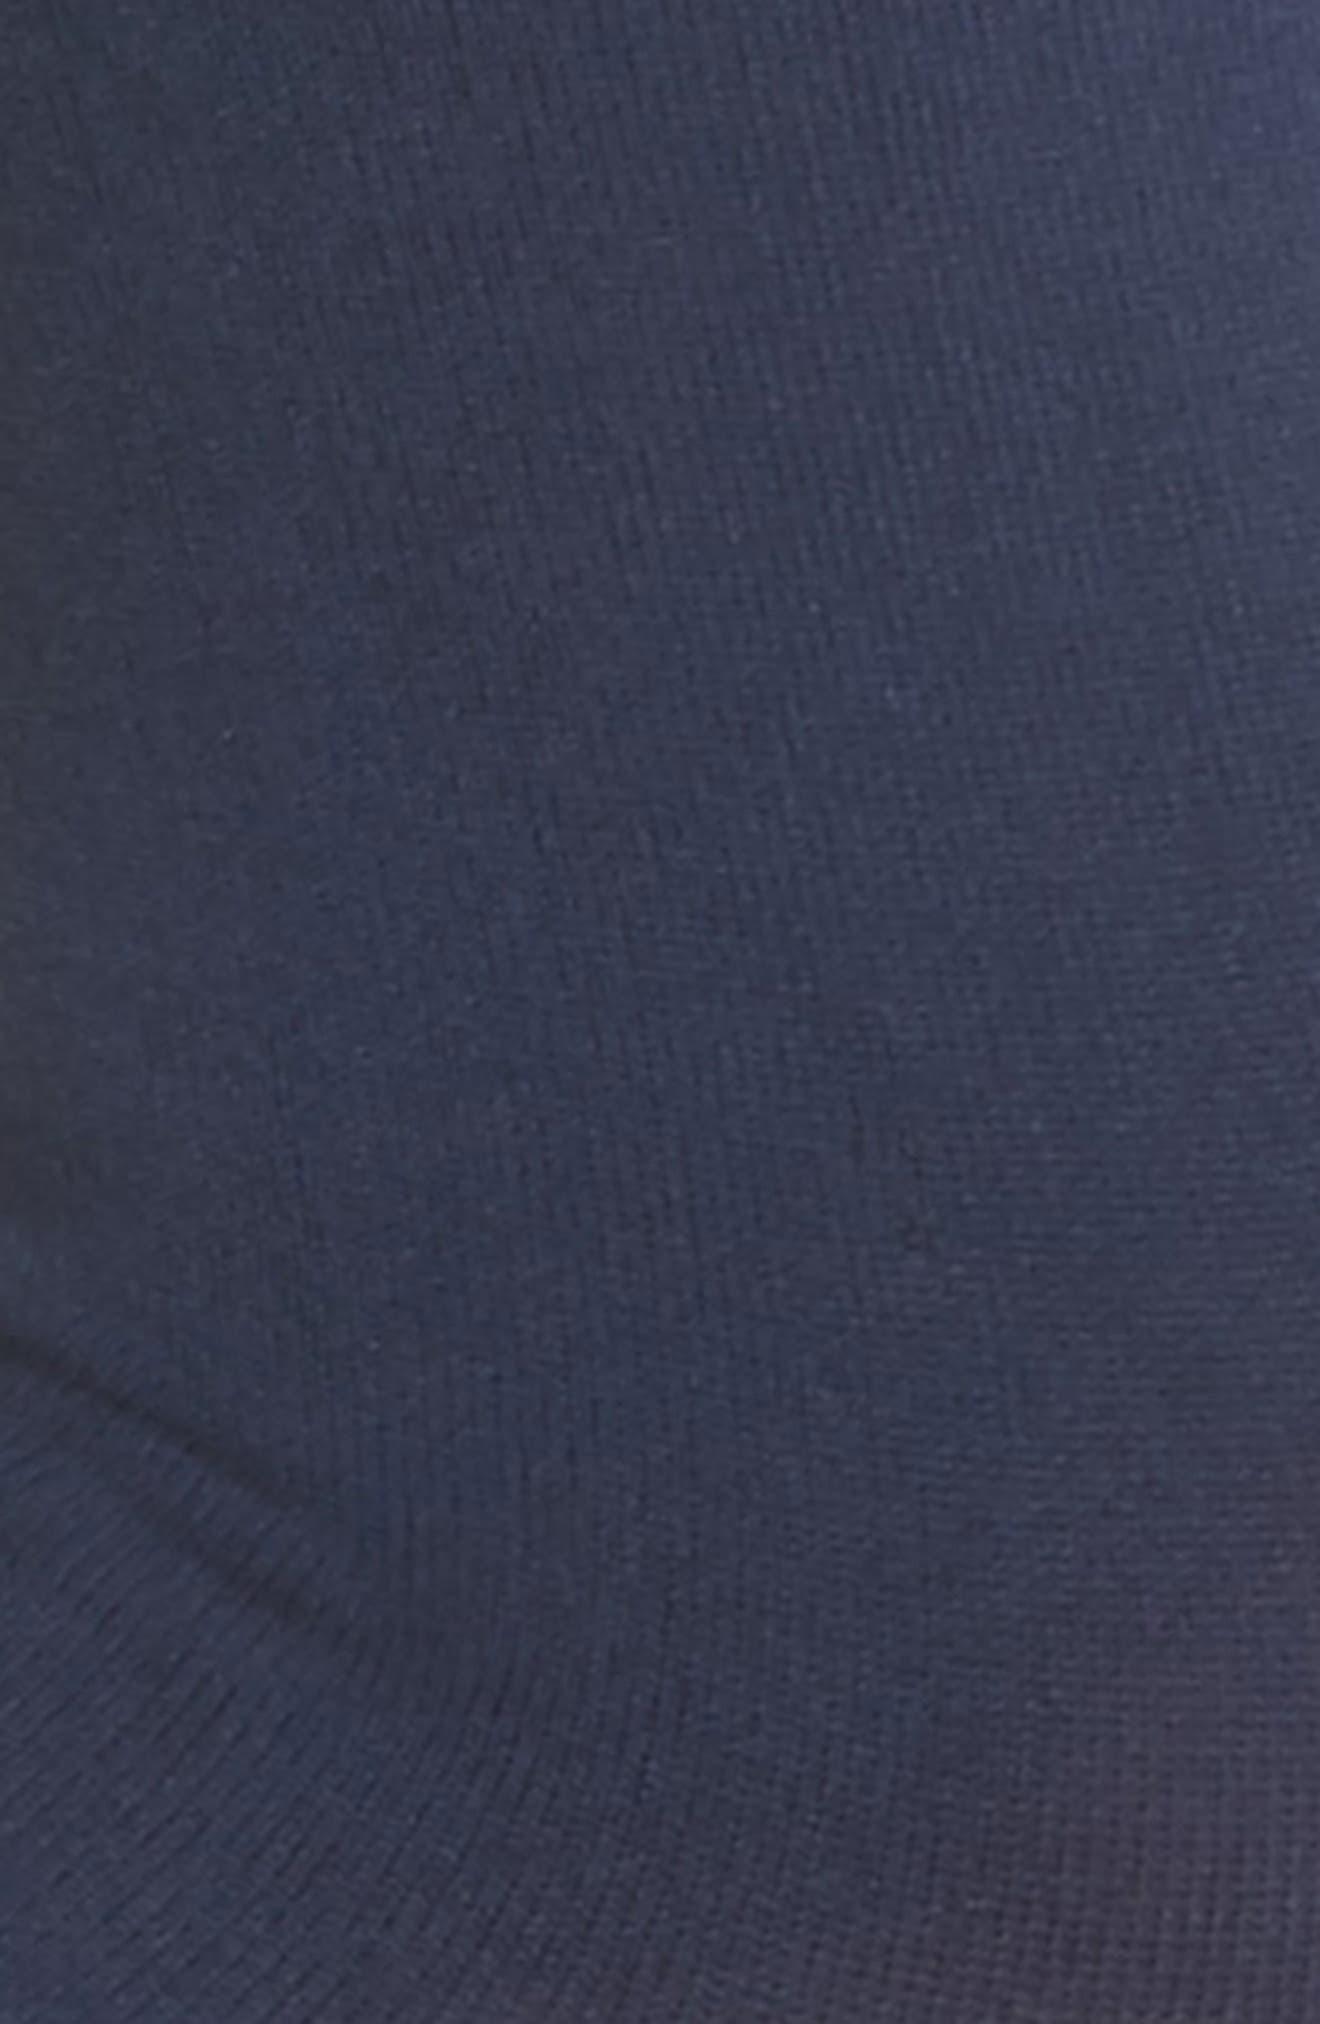 Alternate Image 2  - Nordstrom Ultra Sleek Crew Socks